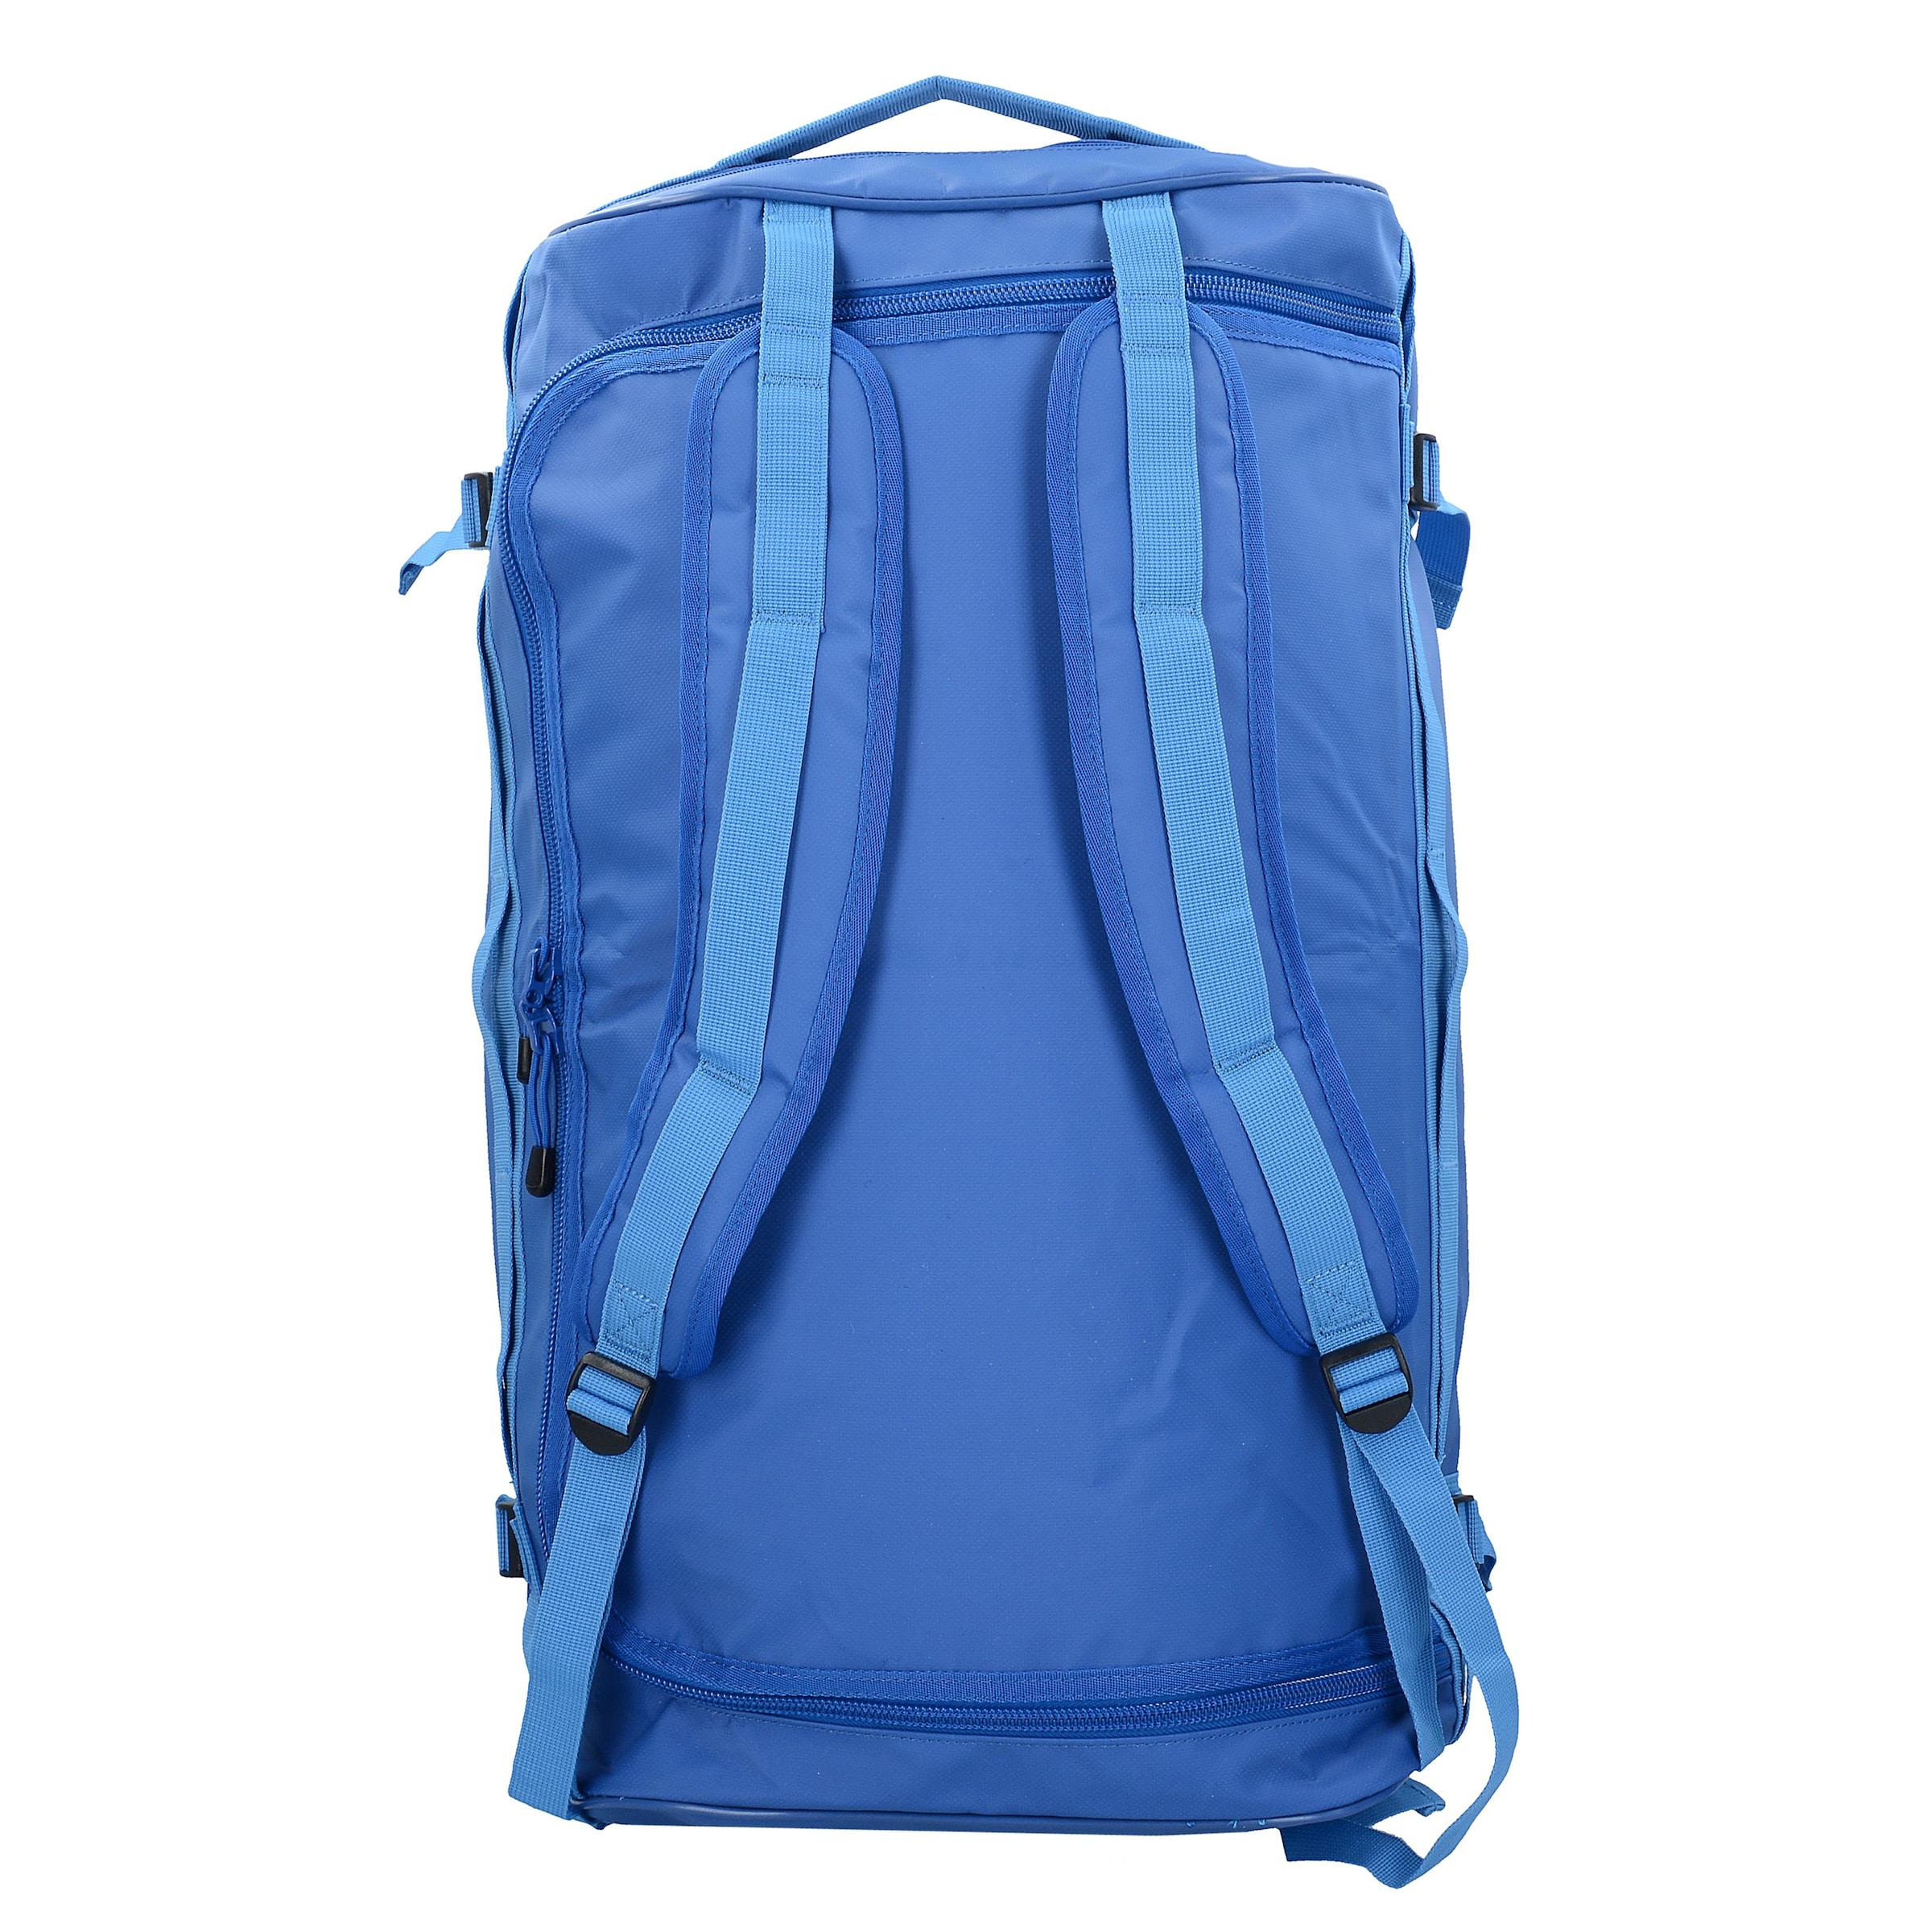 Günstigste Preis Verkauf Online HELLY HANSEN Classic Reisetasche 61 cm Besuchen Neuen Günstigen Preis JtmLG46Cd